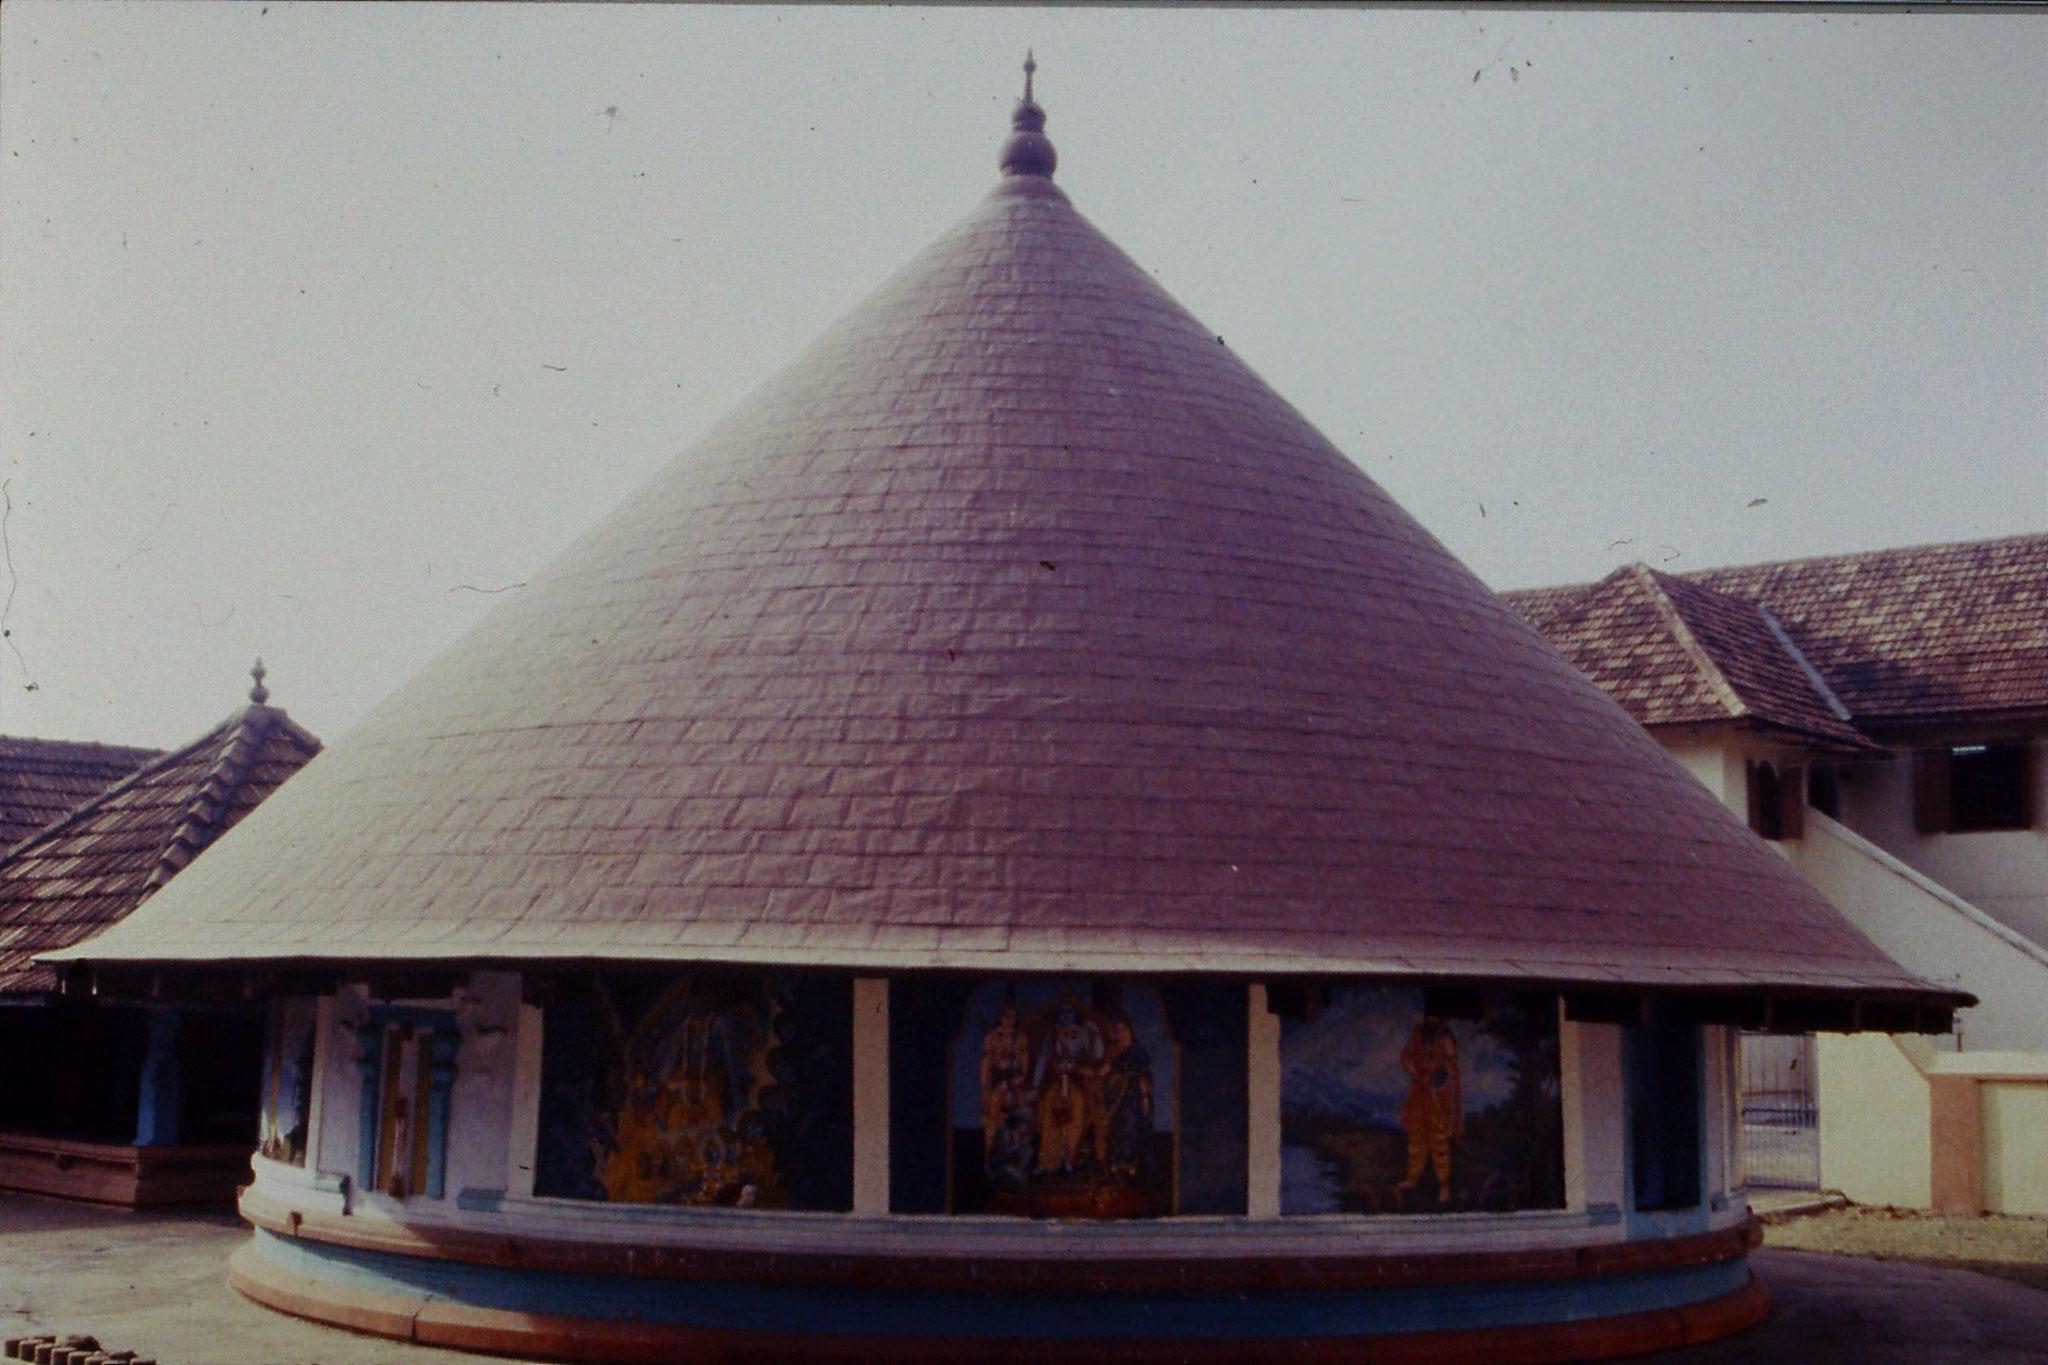 106/10: 24/2/1990 Cochin - temple at Mattancherry Palace